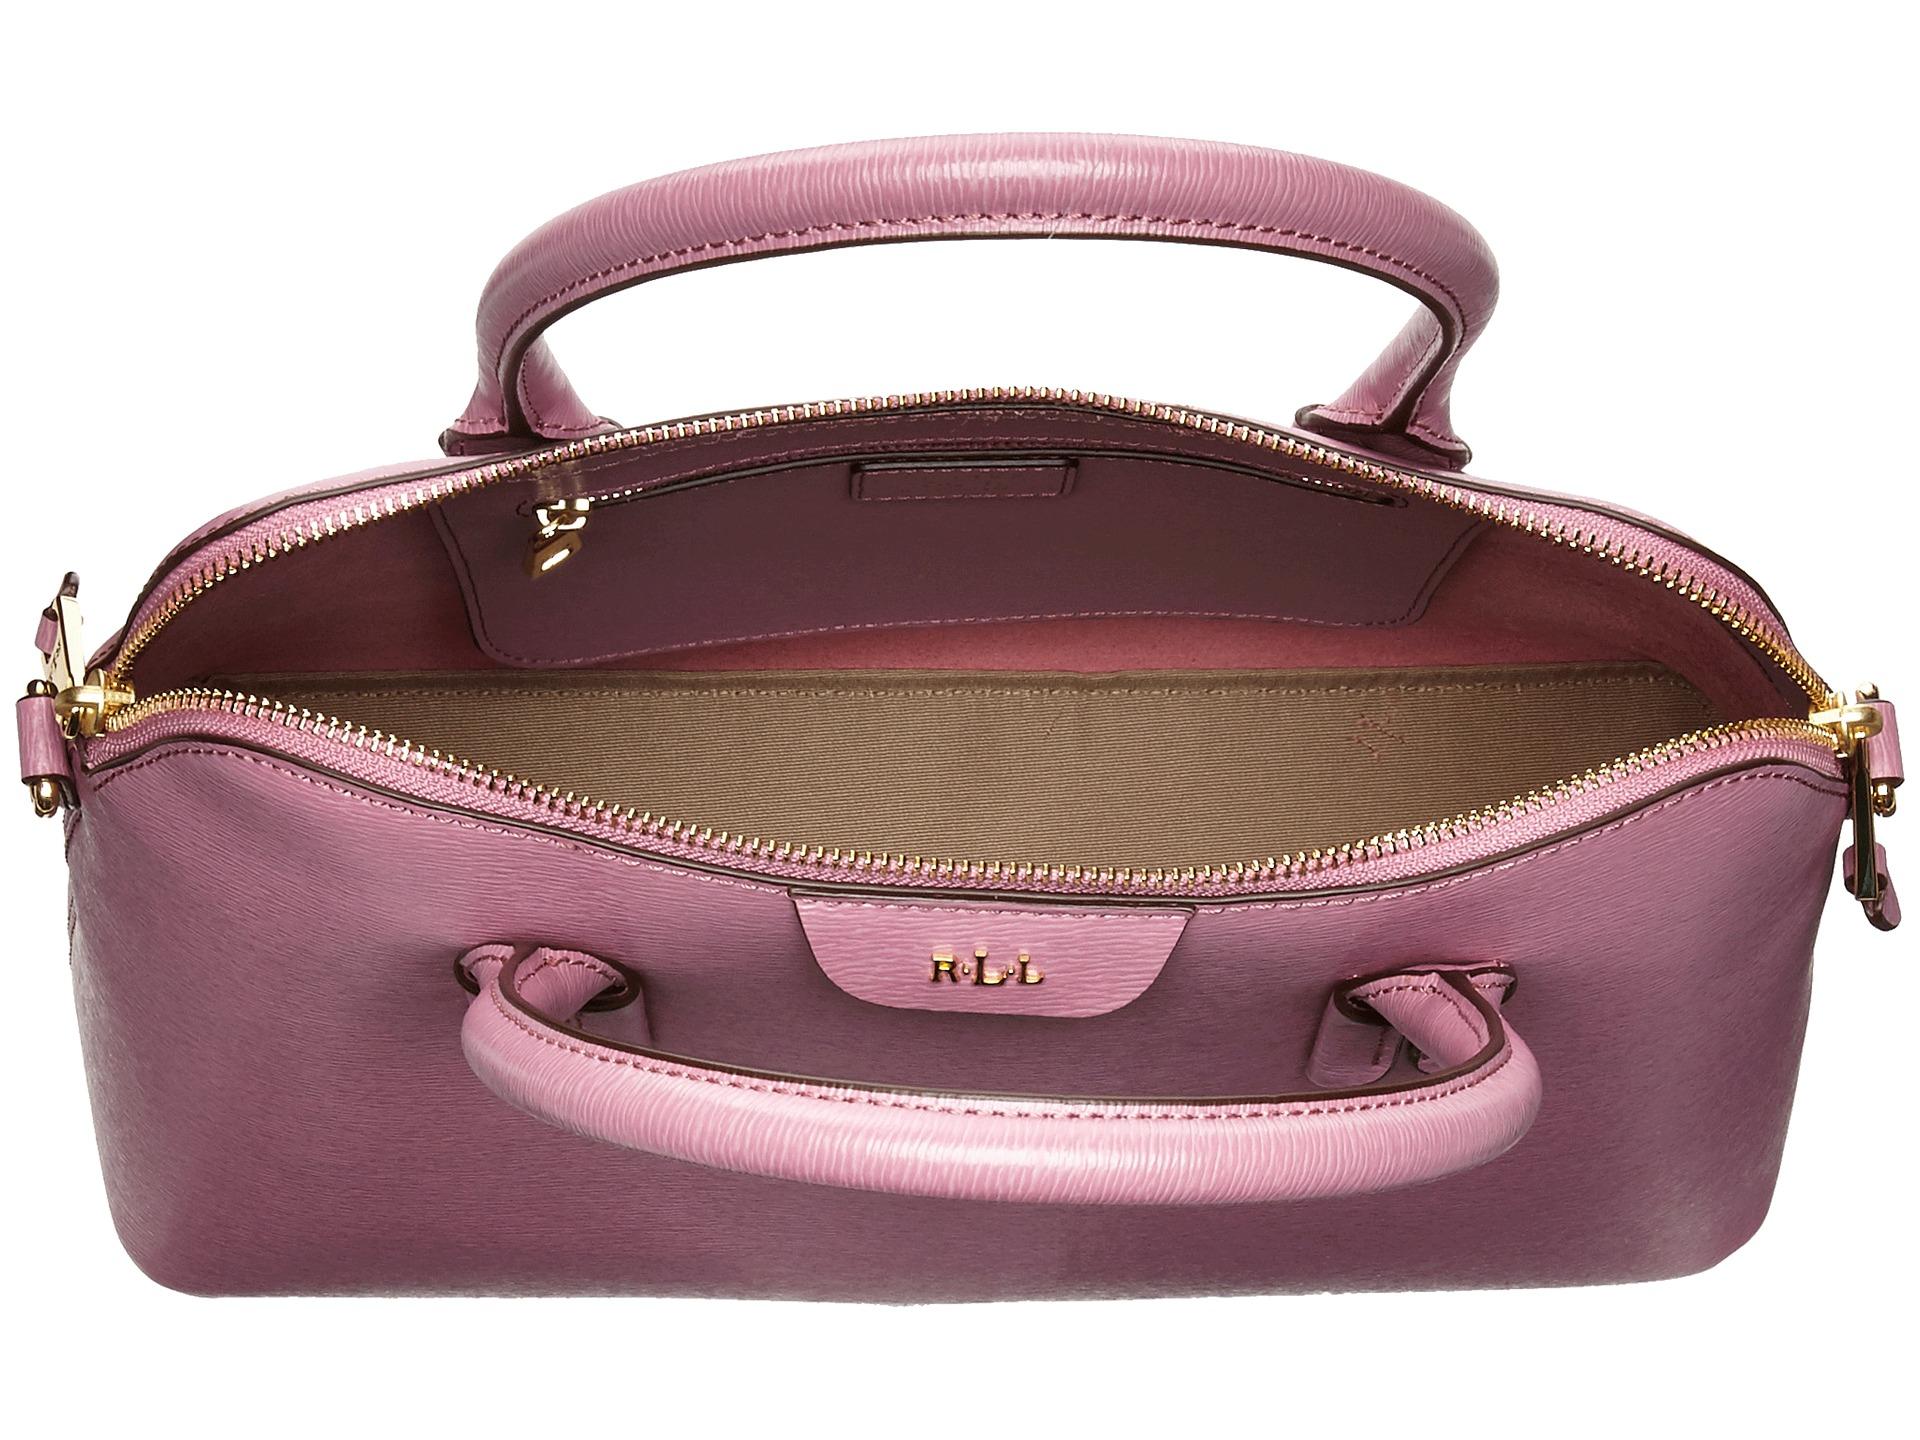 c9283092e5 Lyst - Lauren by Ralph Lauren Tate Dome Satchel in Pink